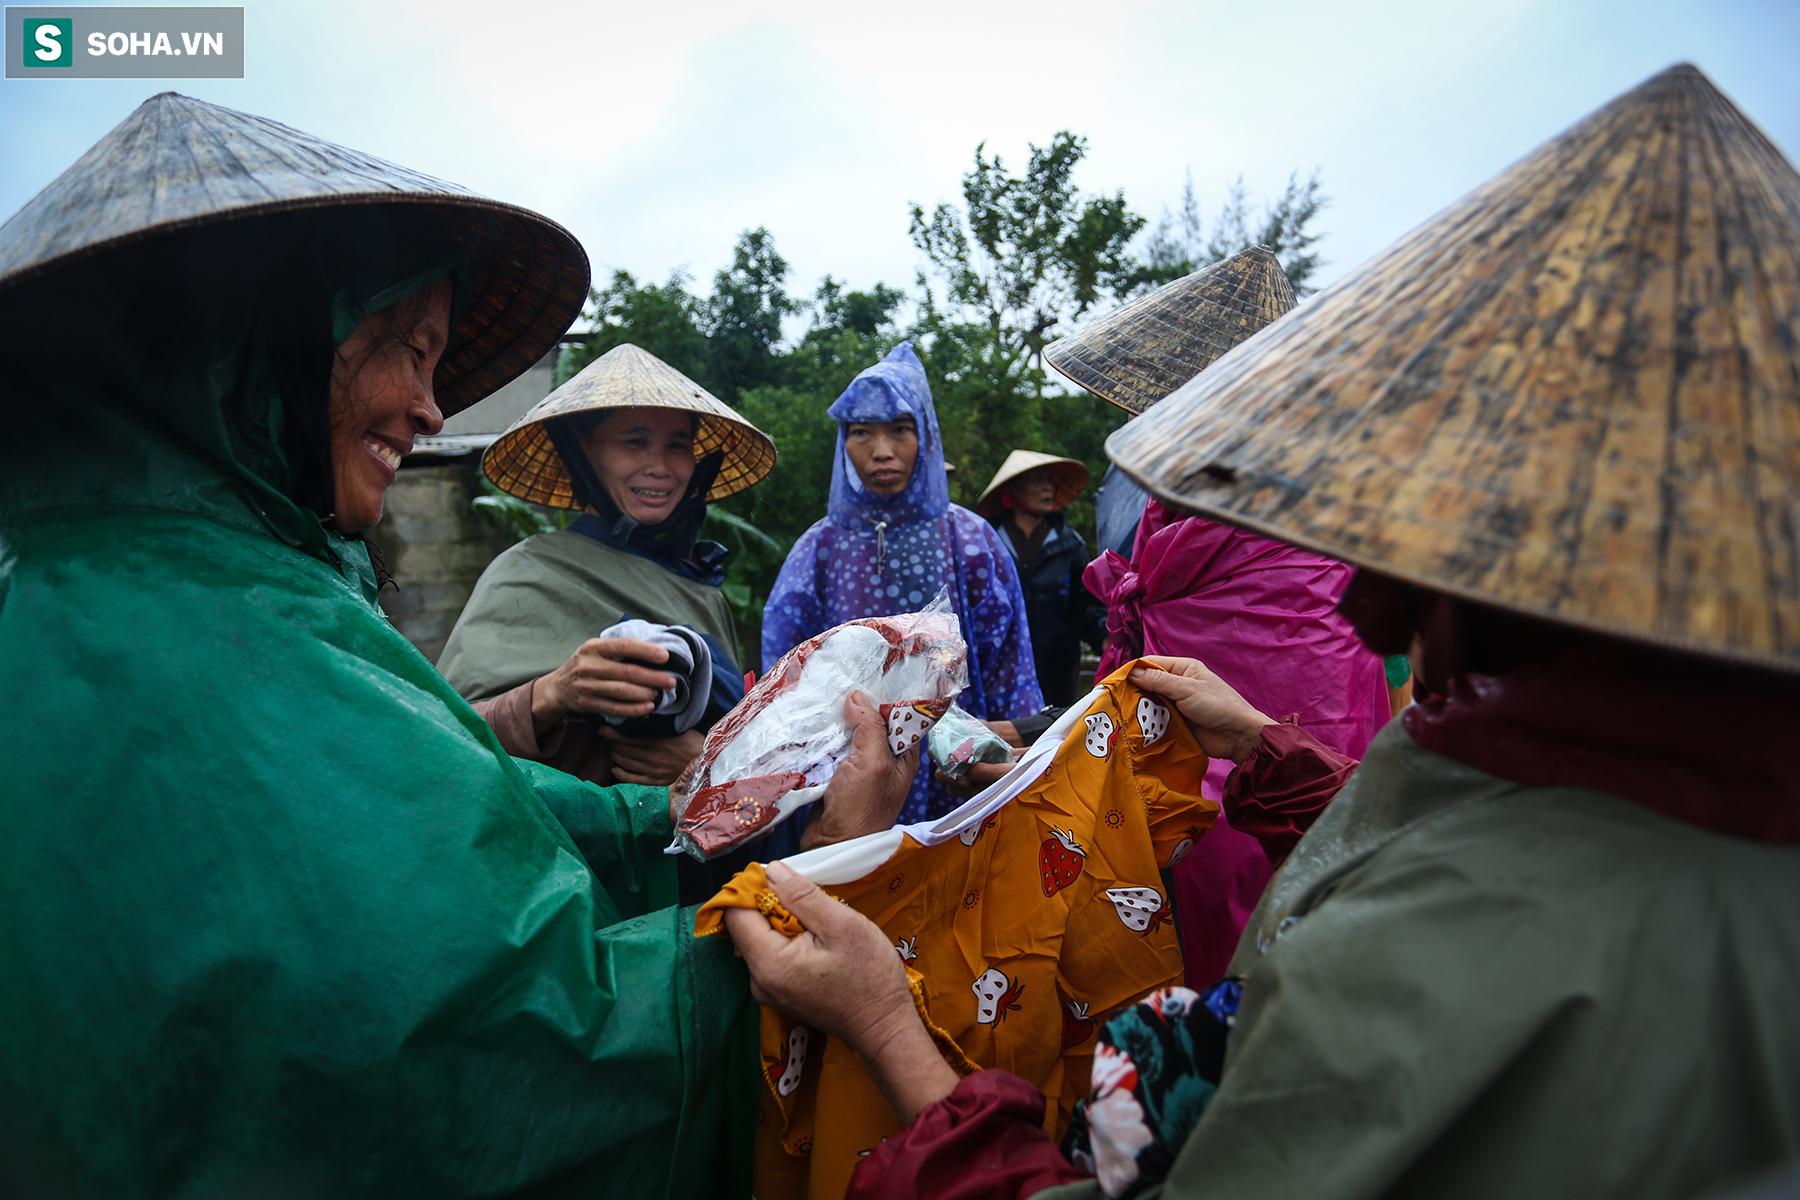 [Ảnh] Người phụ nữ ở Quảng Bình lao ra dòng nước lũ xin đồ ăn cho mẹ già bật khóc khi được cứu hộ khỏi ghe lật  - Ảnh 11.